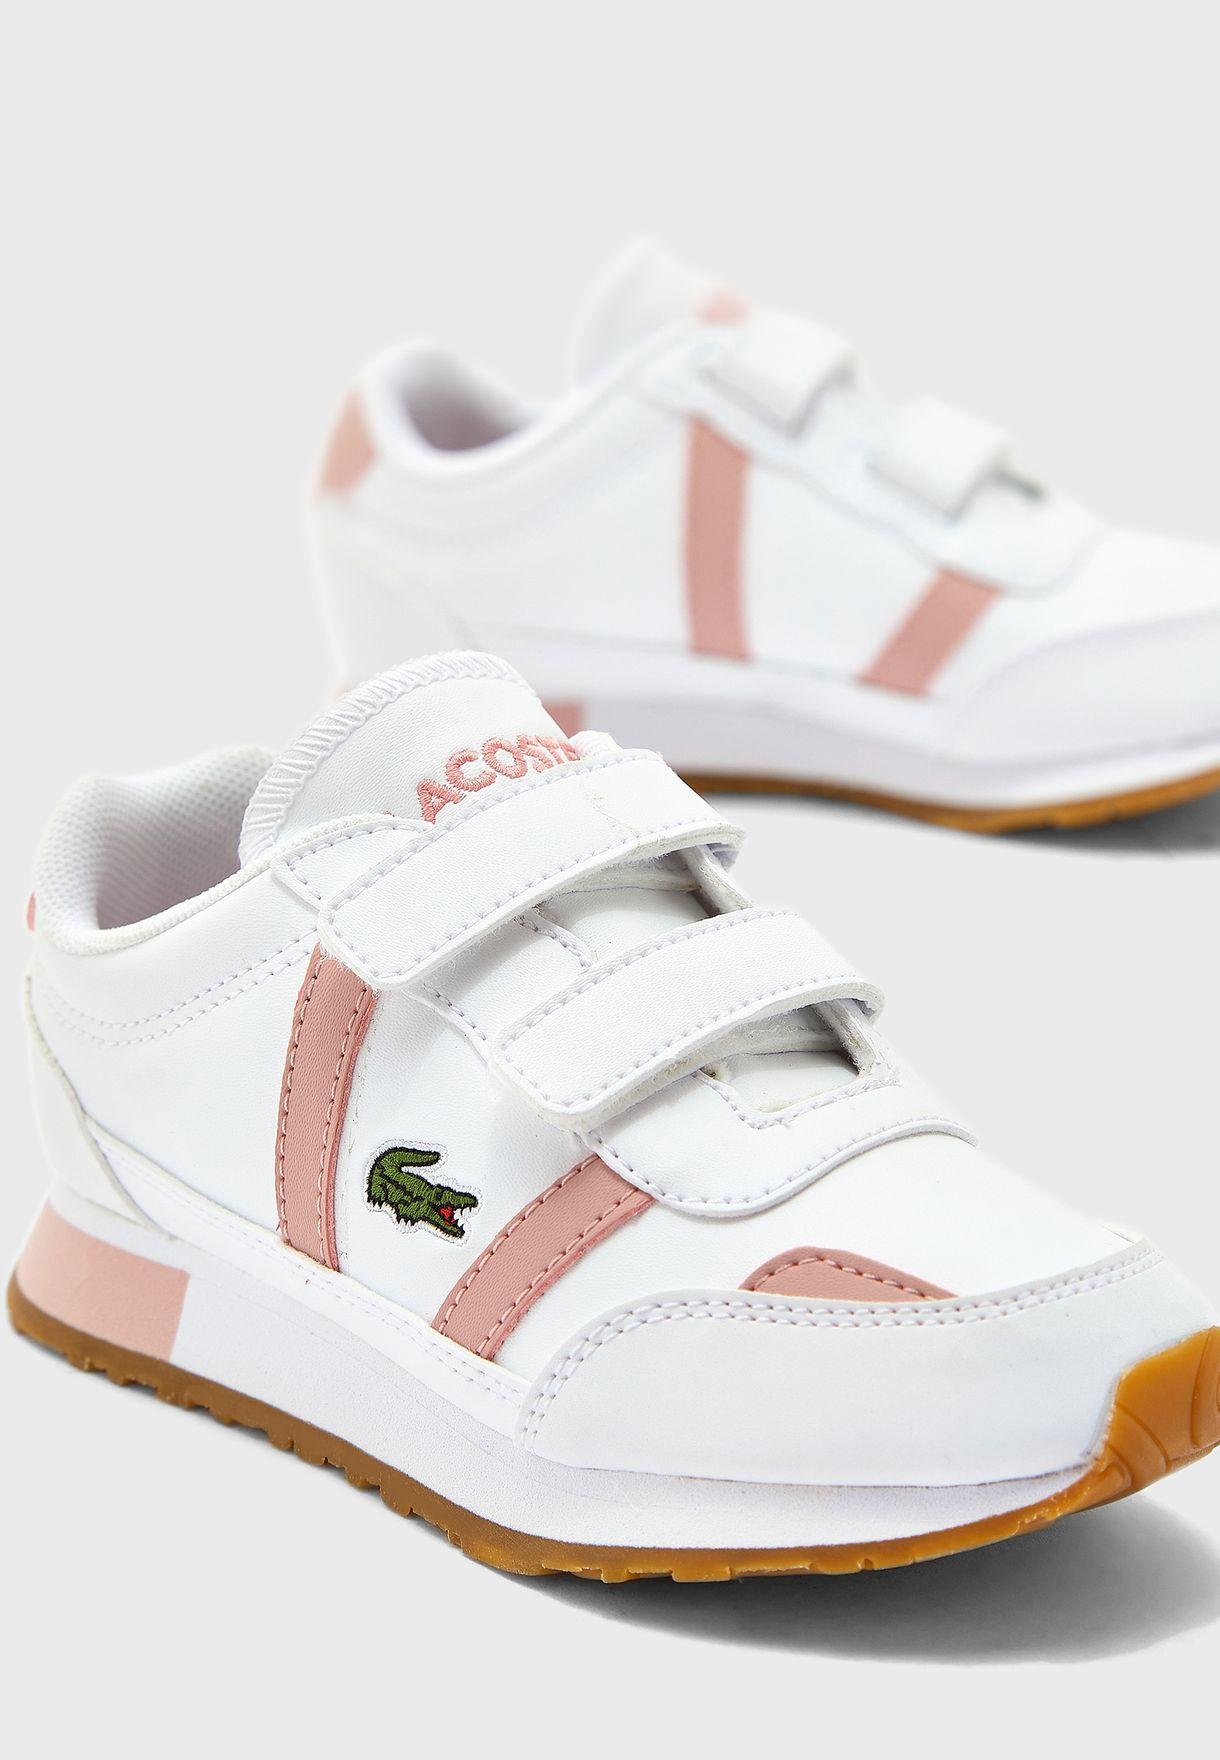 Partner Low Top Sneaker